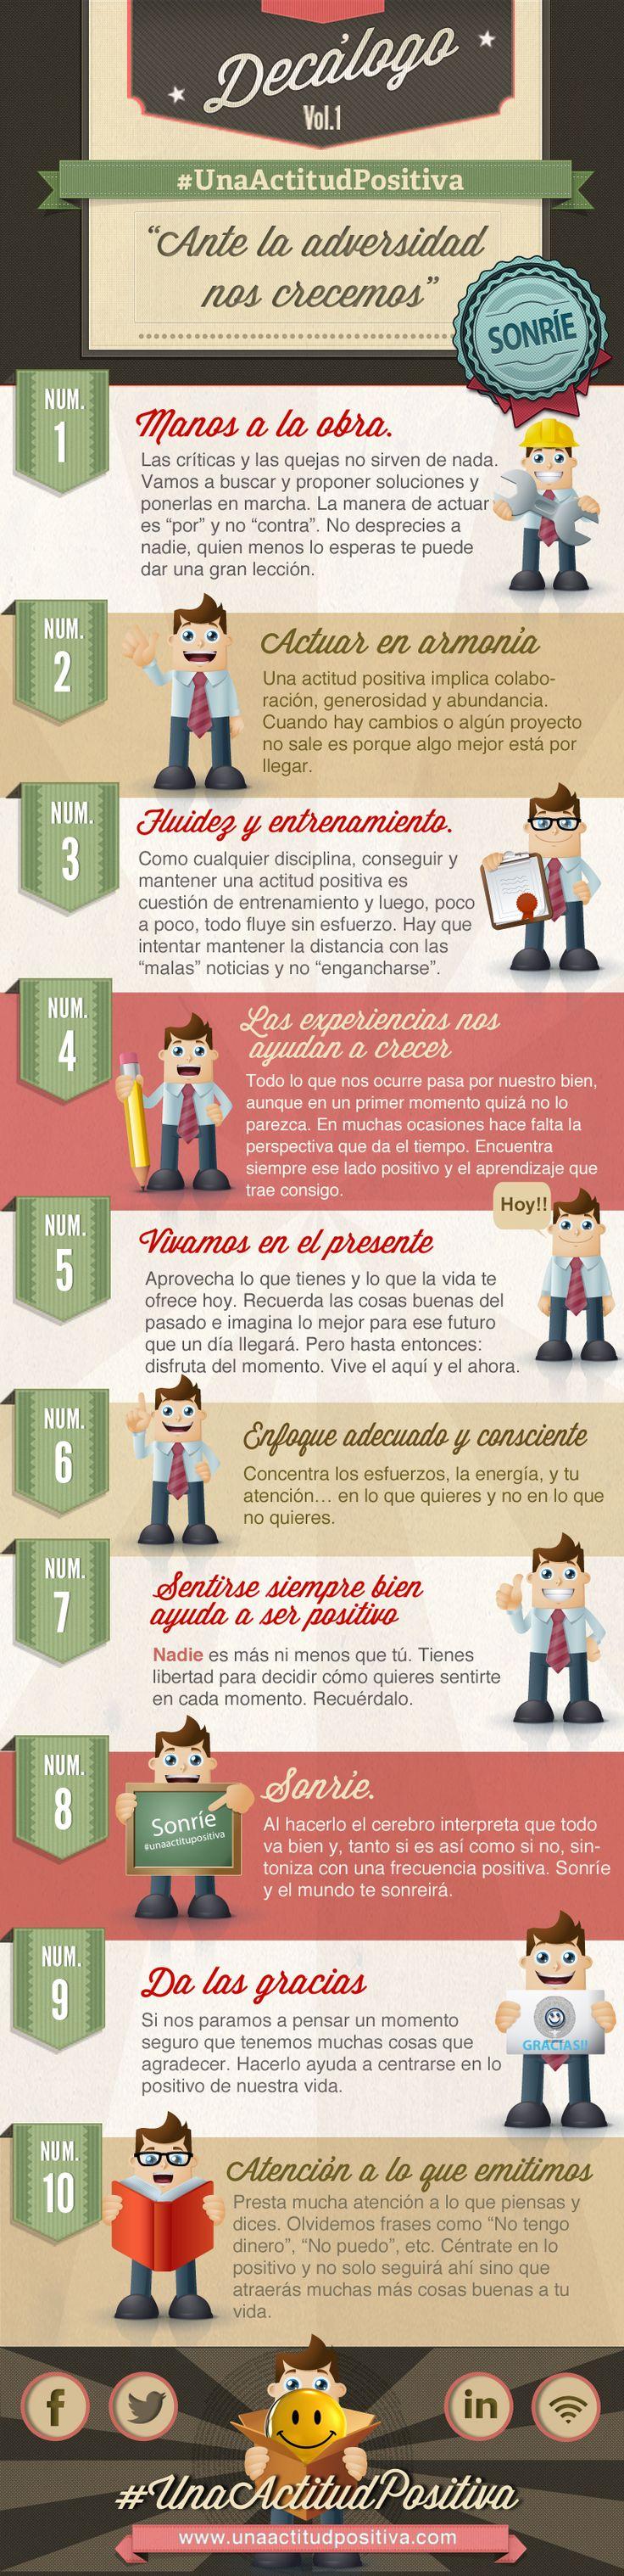 Decálogo para #unaactitudpositiva ;-)